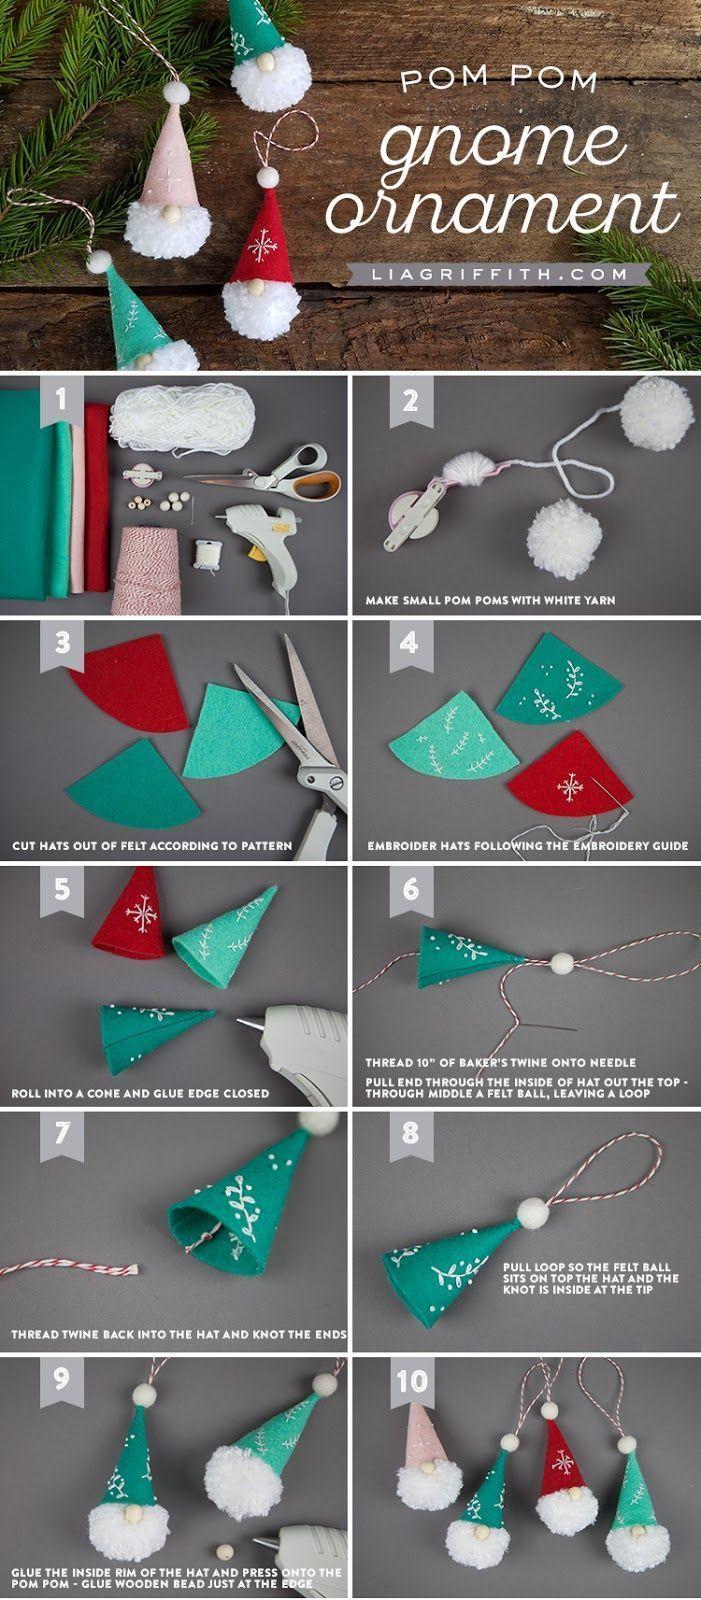 11 Bastelprojekte zum Basteln von Weihnachtsmärkten #made #projects #christmas